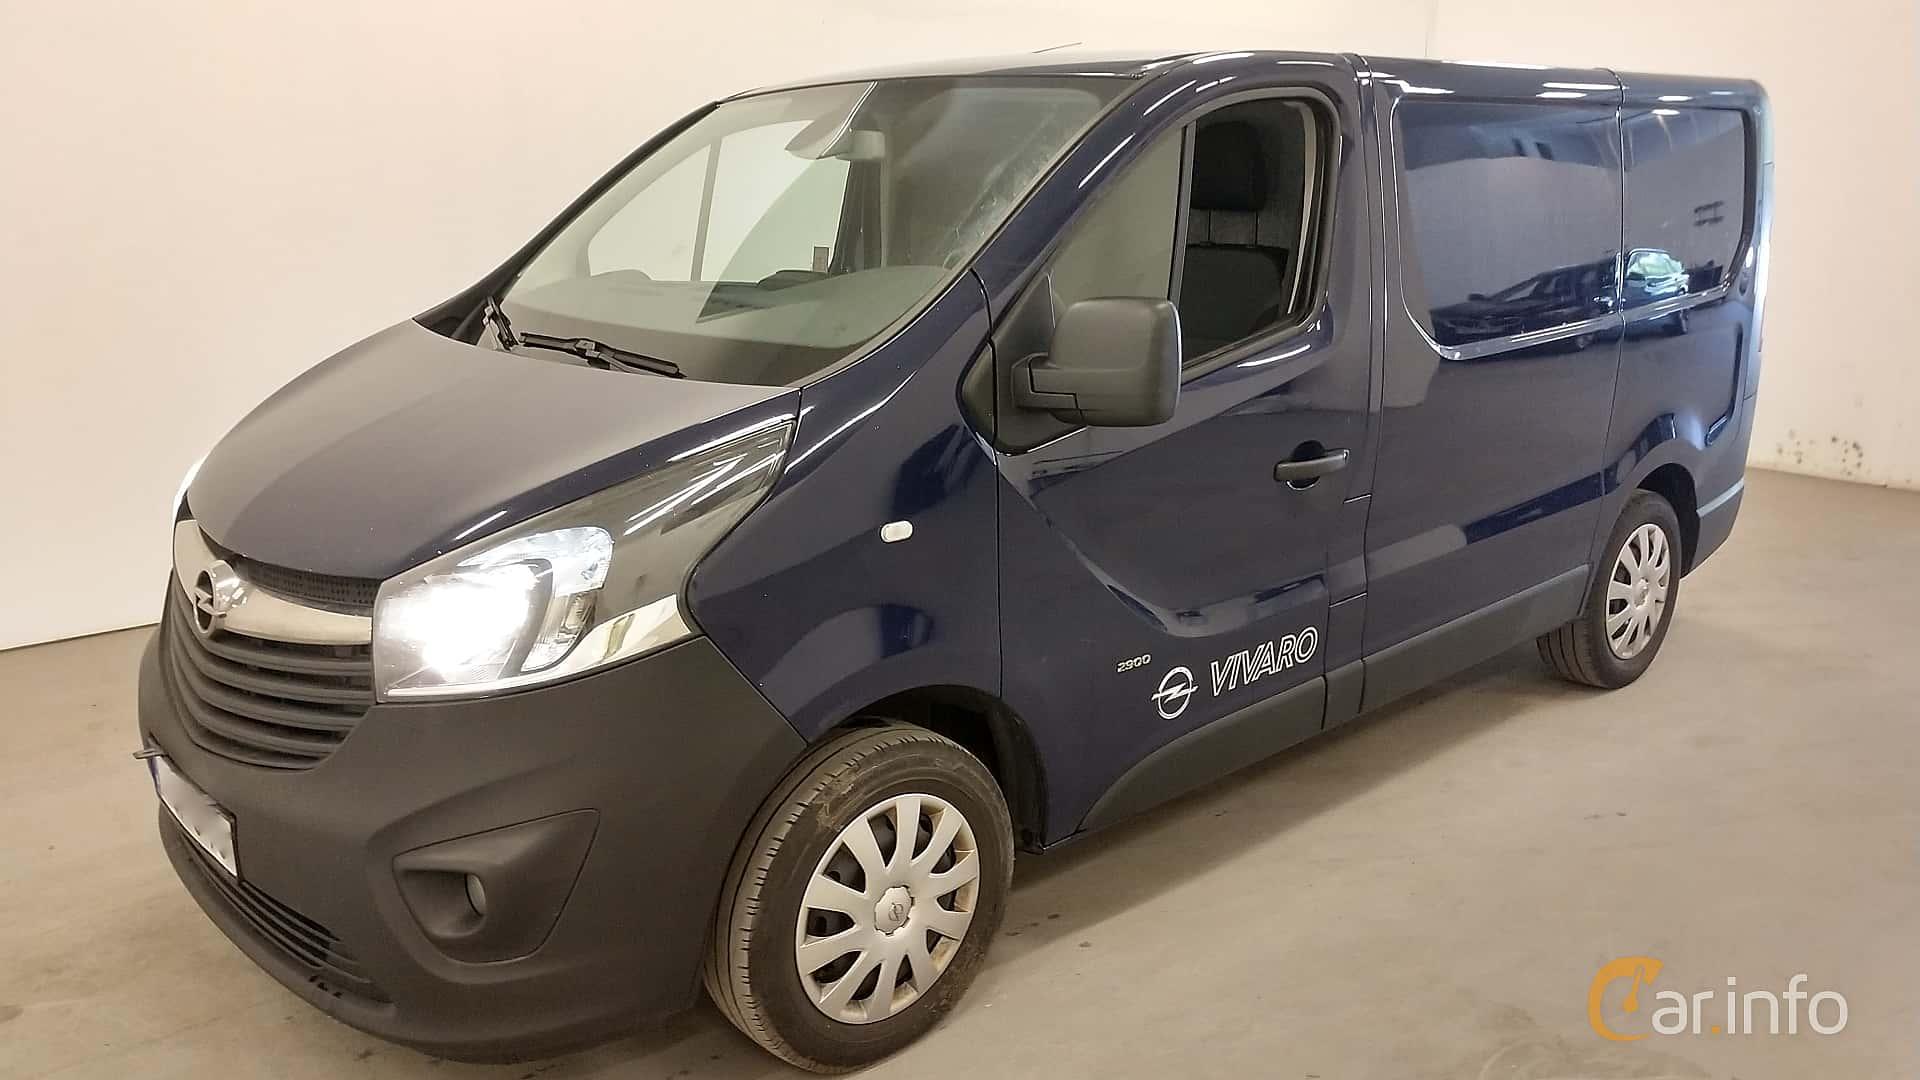 Opel Vivaro Van 1.6 CDTI BIturbo Manual, 120hp, 2015